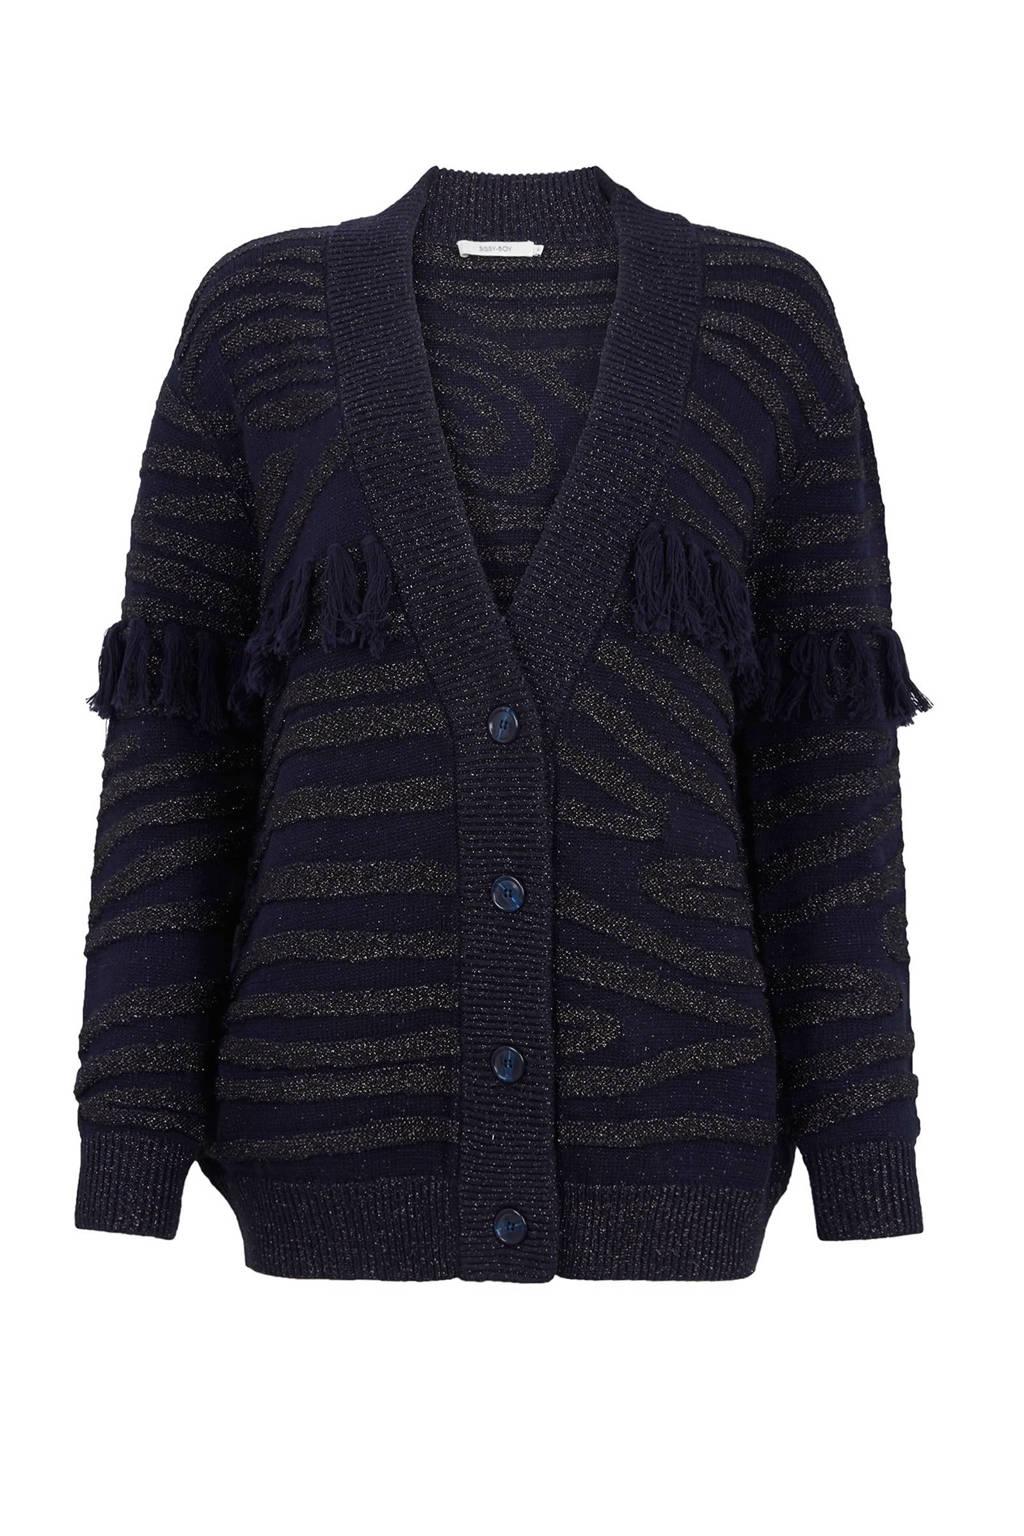 Sissy-Boy vest, Donkerblauw